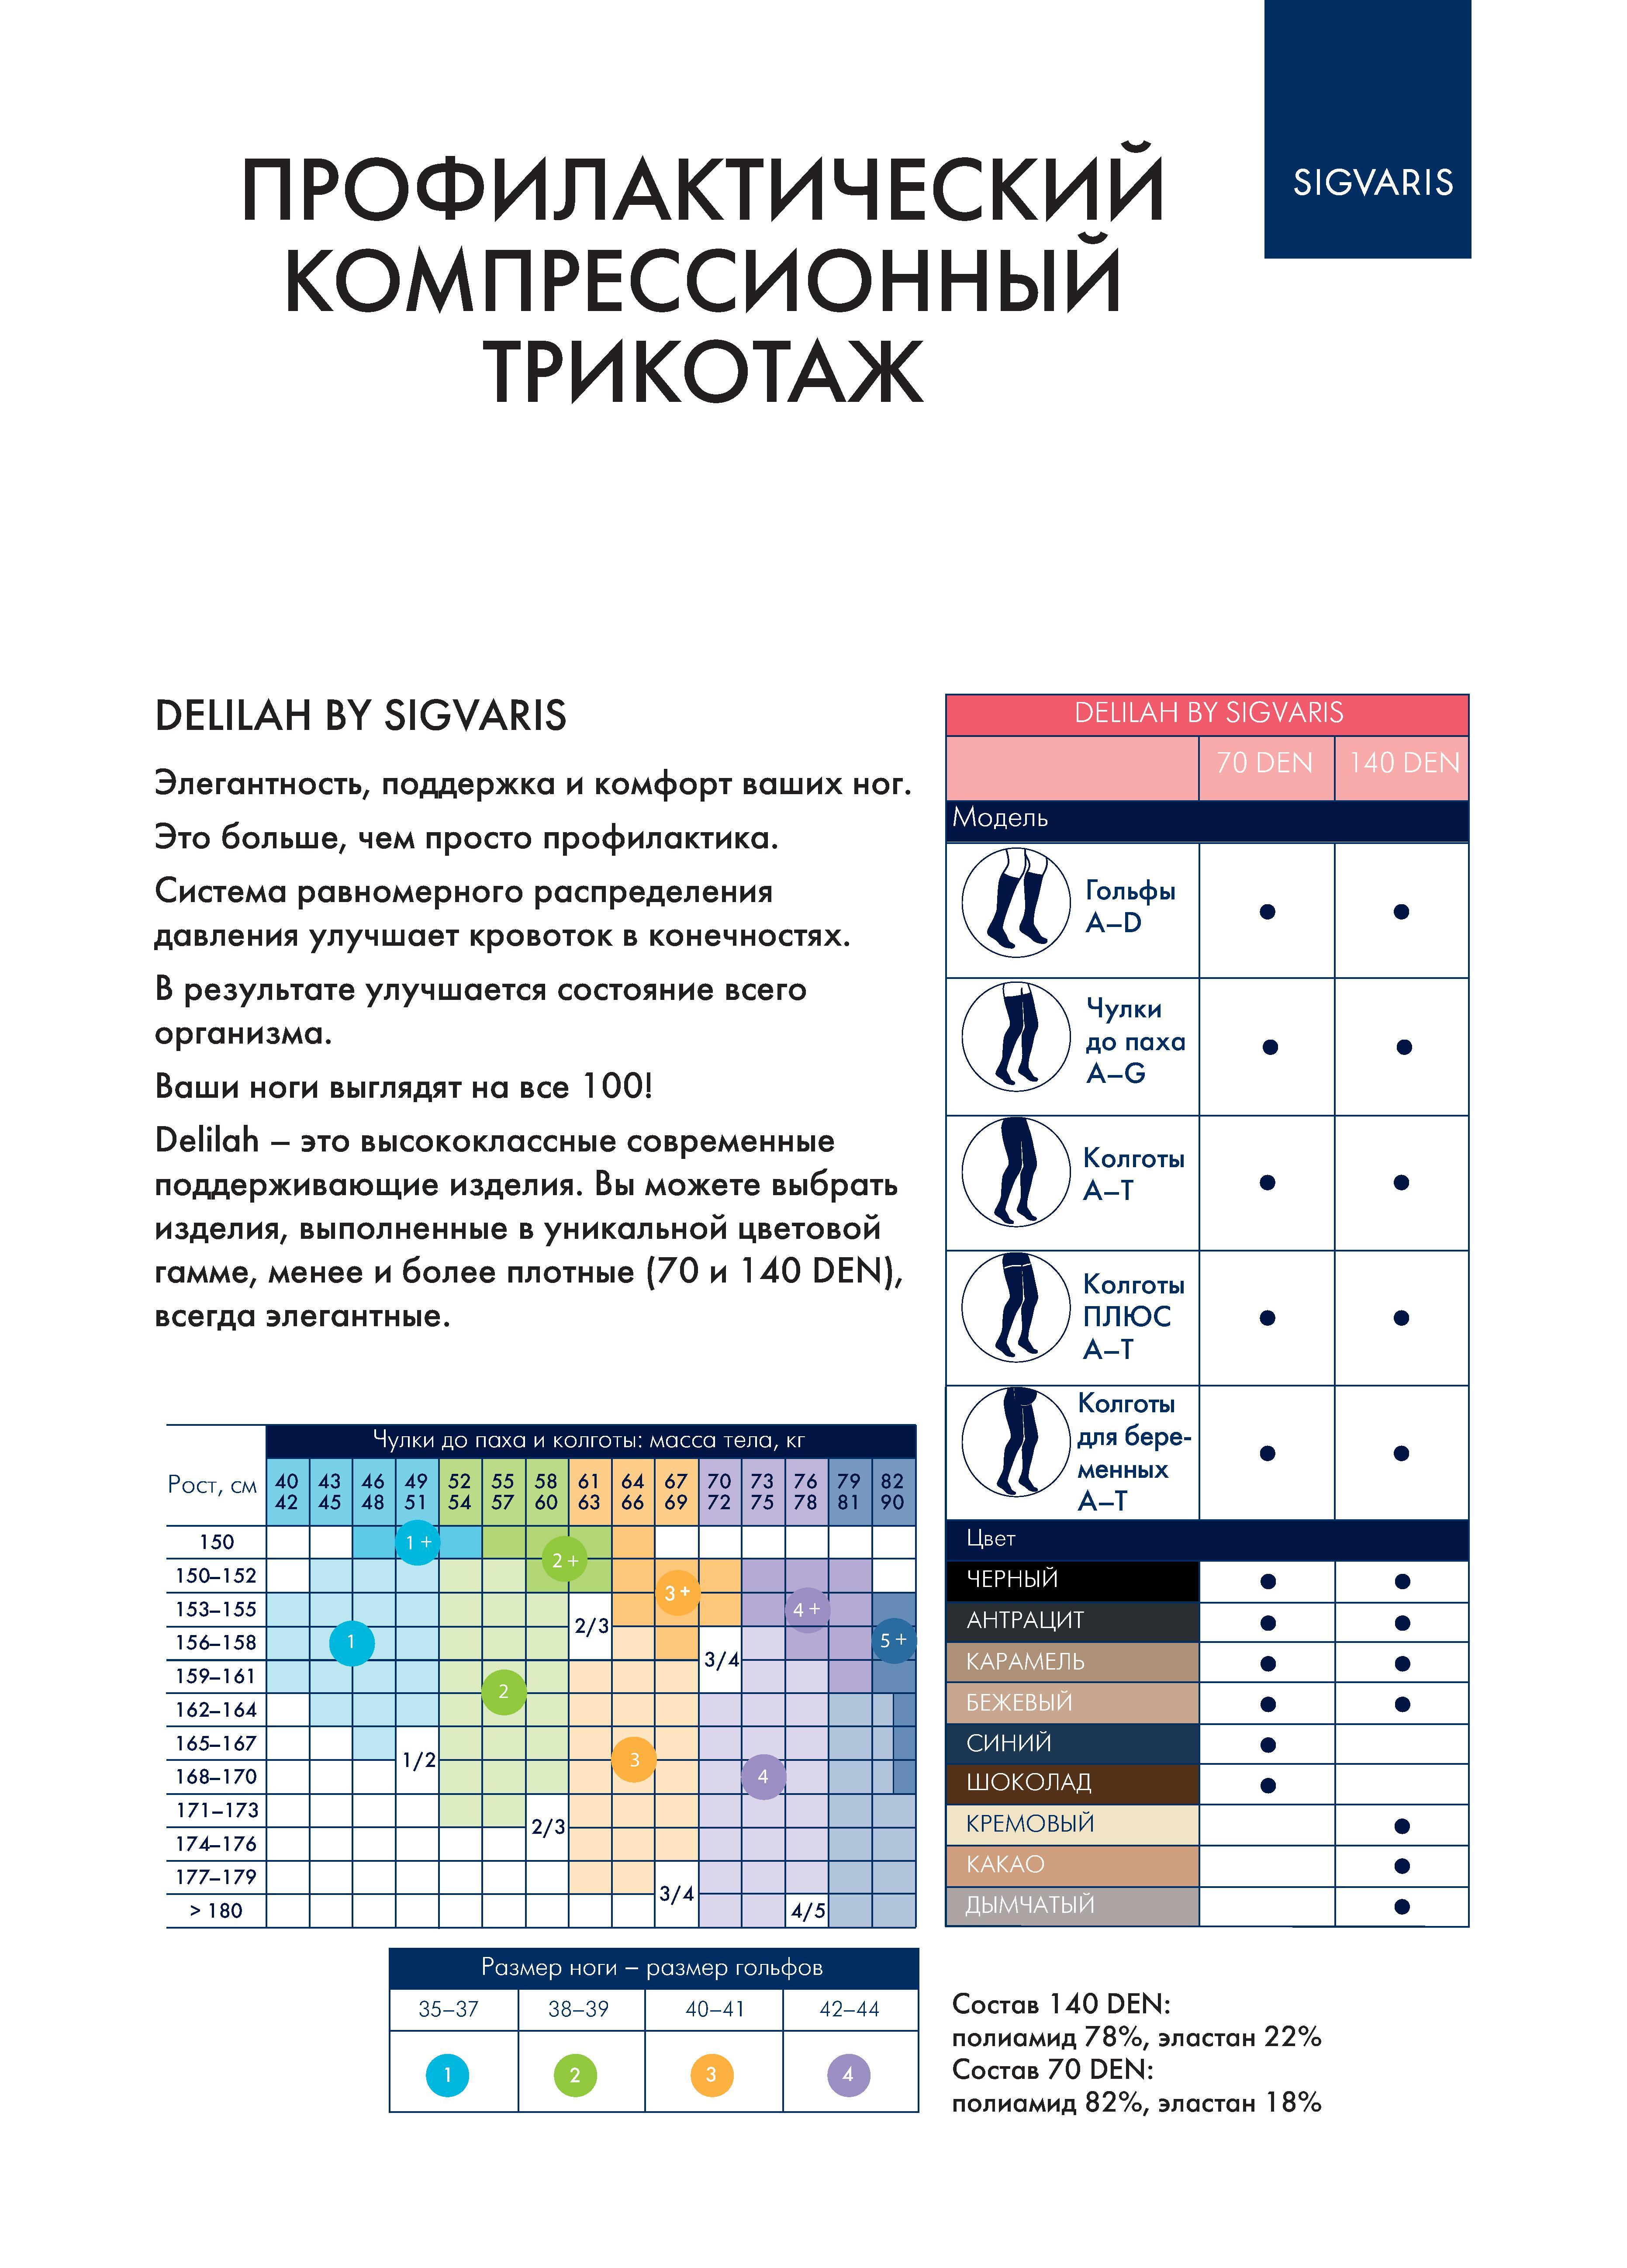 Схема определения размера изделий Delilah